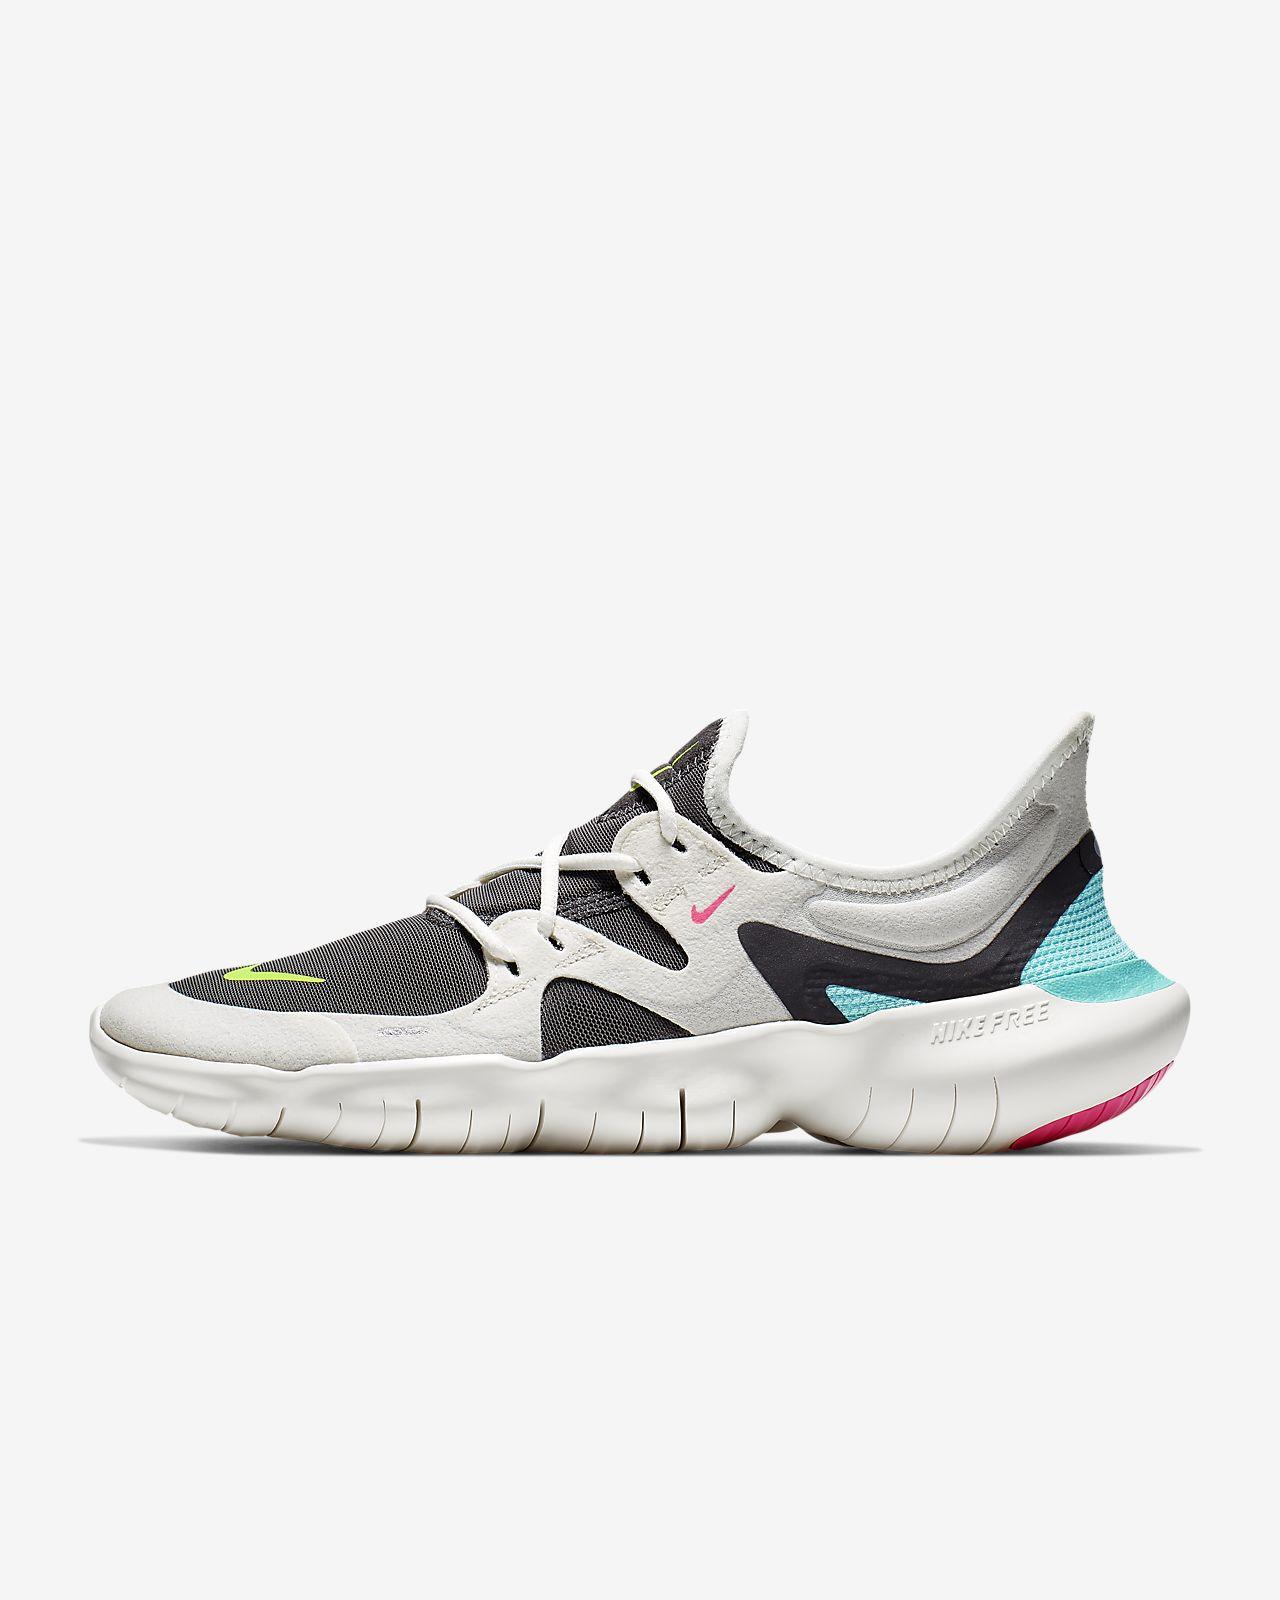 new product 4b4c6 e5b53 ... Löparsko Nike Free RN 5.0 för kvinnor